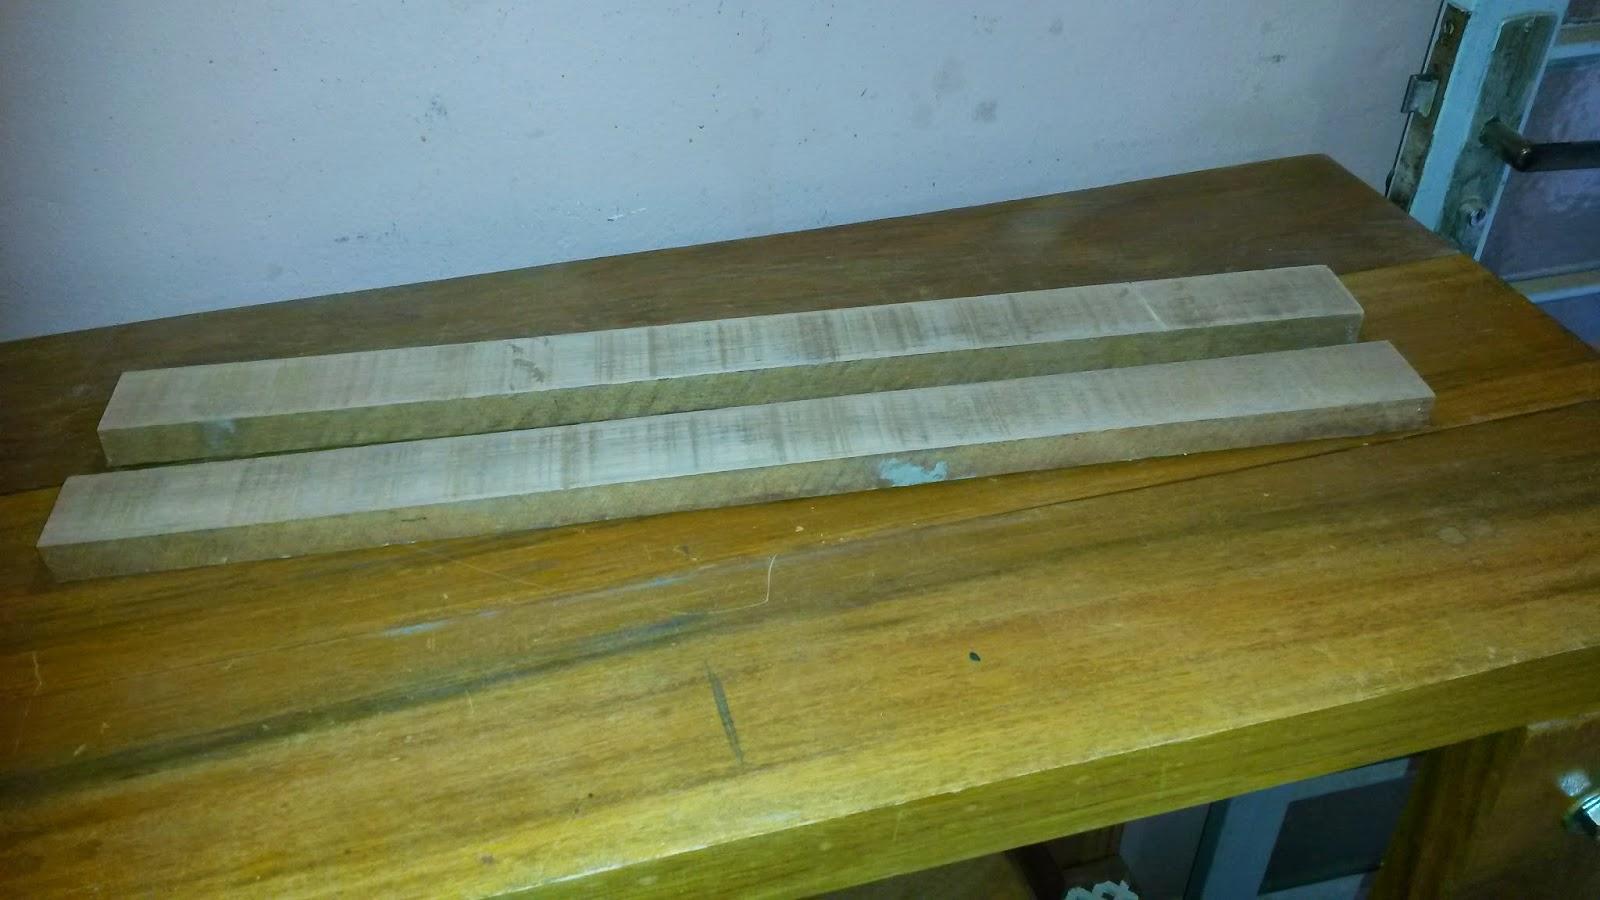 Oficina do Quintal: Como fazer um aparador com restos de madeira #5C4E14 1600x900